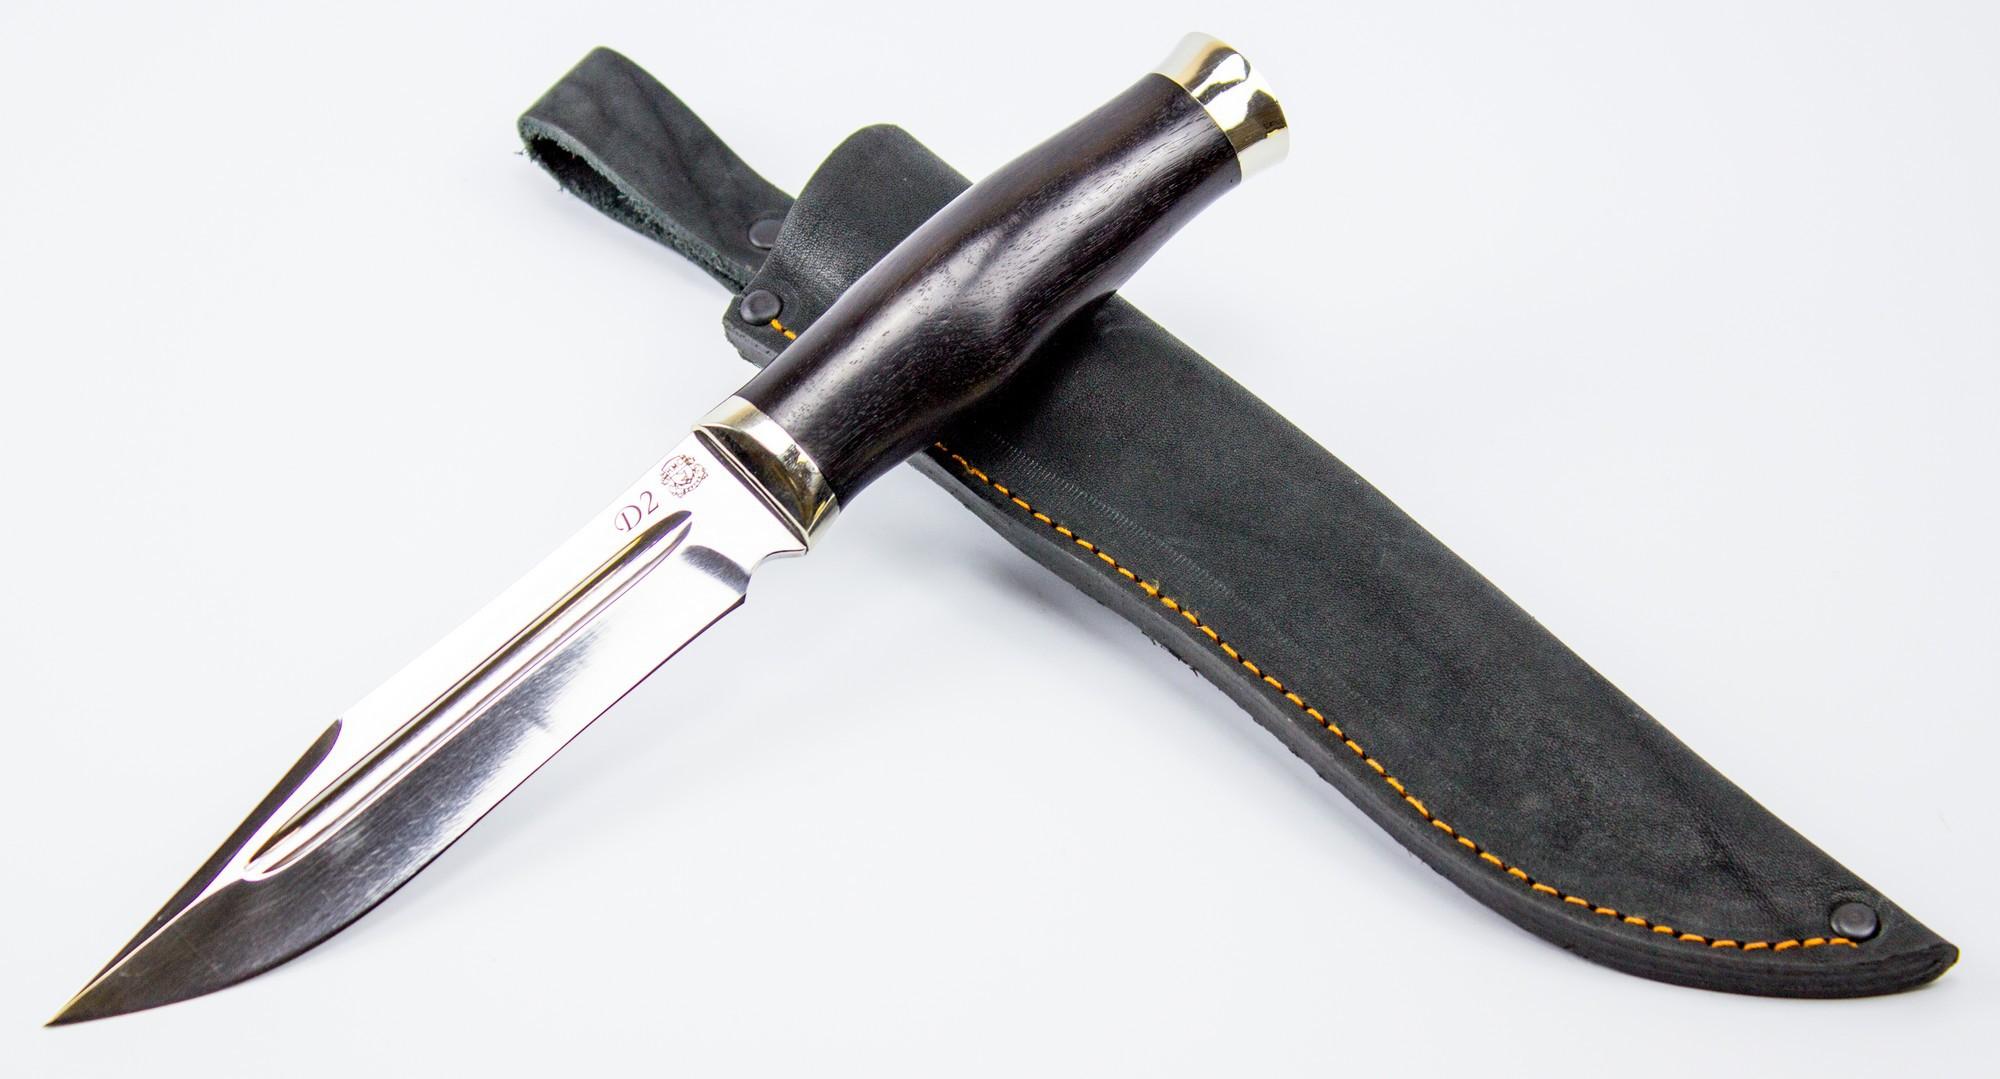 Фото 7 - Военный нож Смерч, D2 от Мастерская Сковородихина